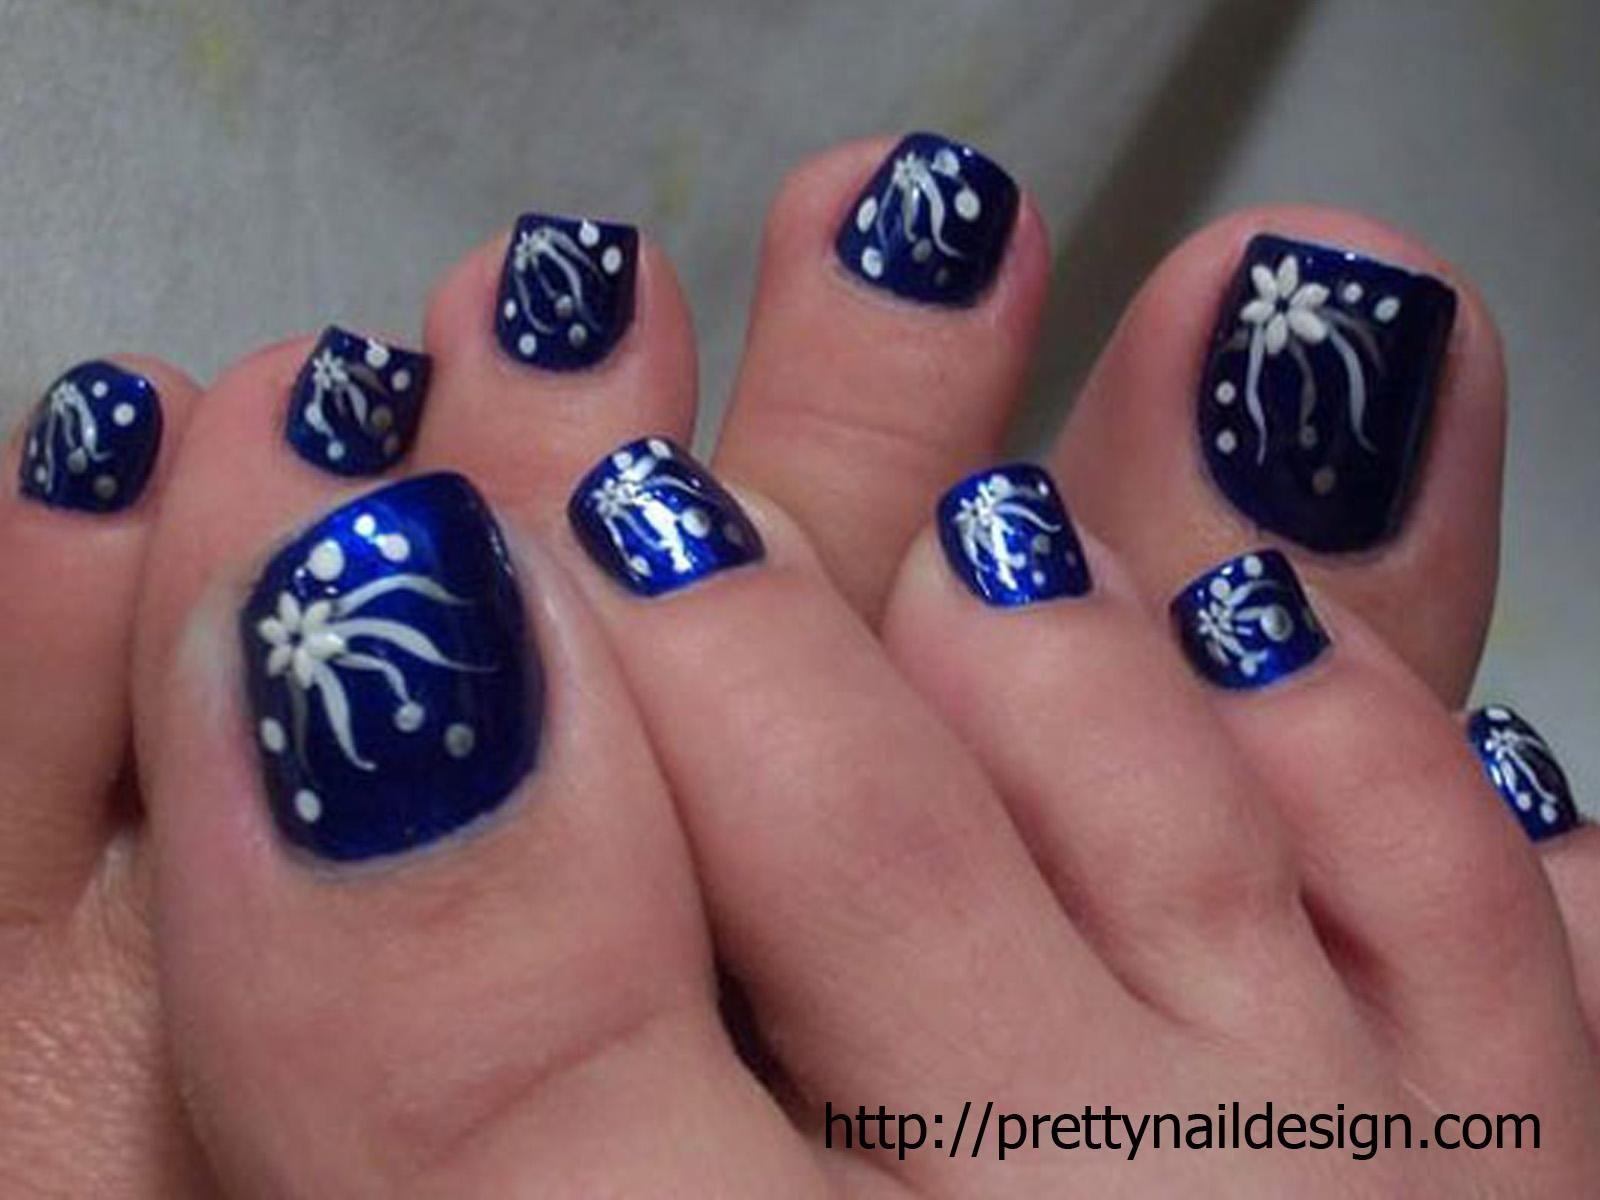 Diseños para las uñas de los pies- FOTOS | Uñas | Pinterest | Uñas ...